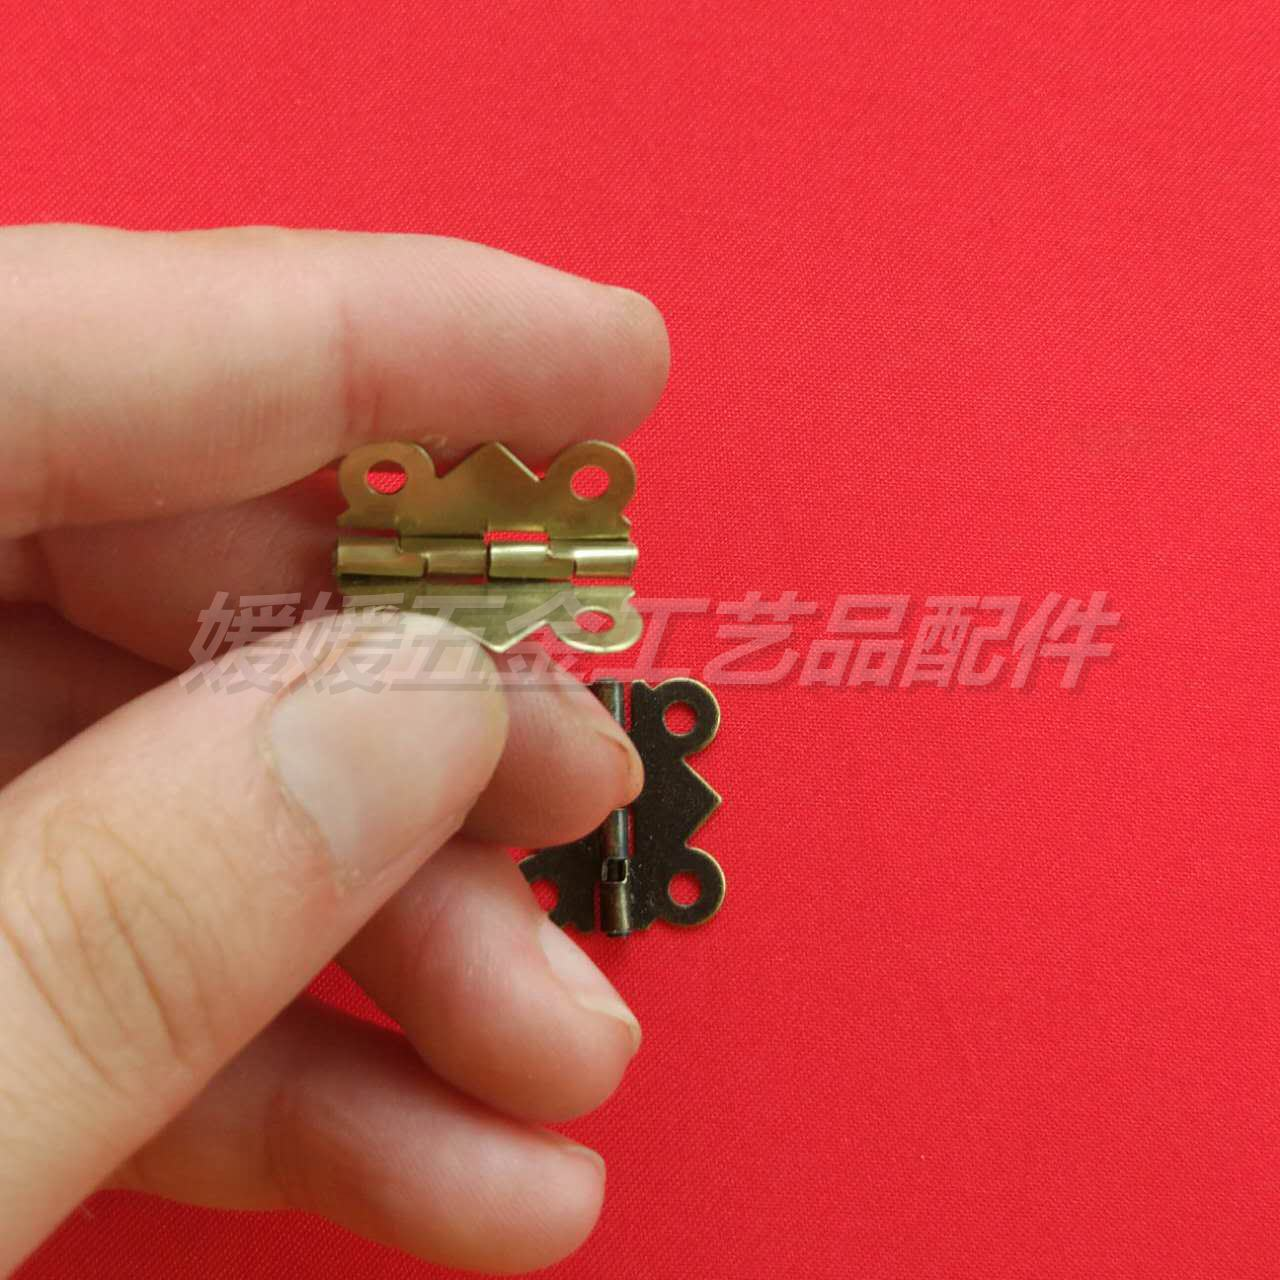 Nuevos accesorios de la Caja de regalo de modelo de proceso de encaje mariposa bisagras bisagras accesorios Caja Mini